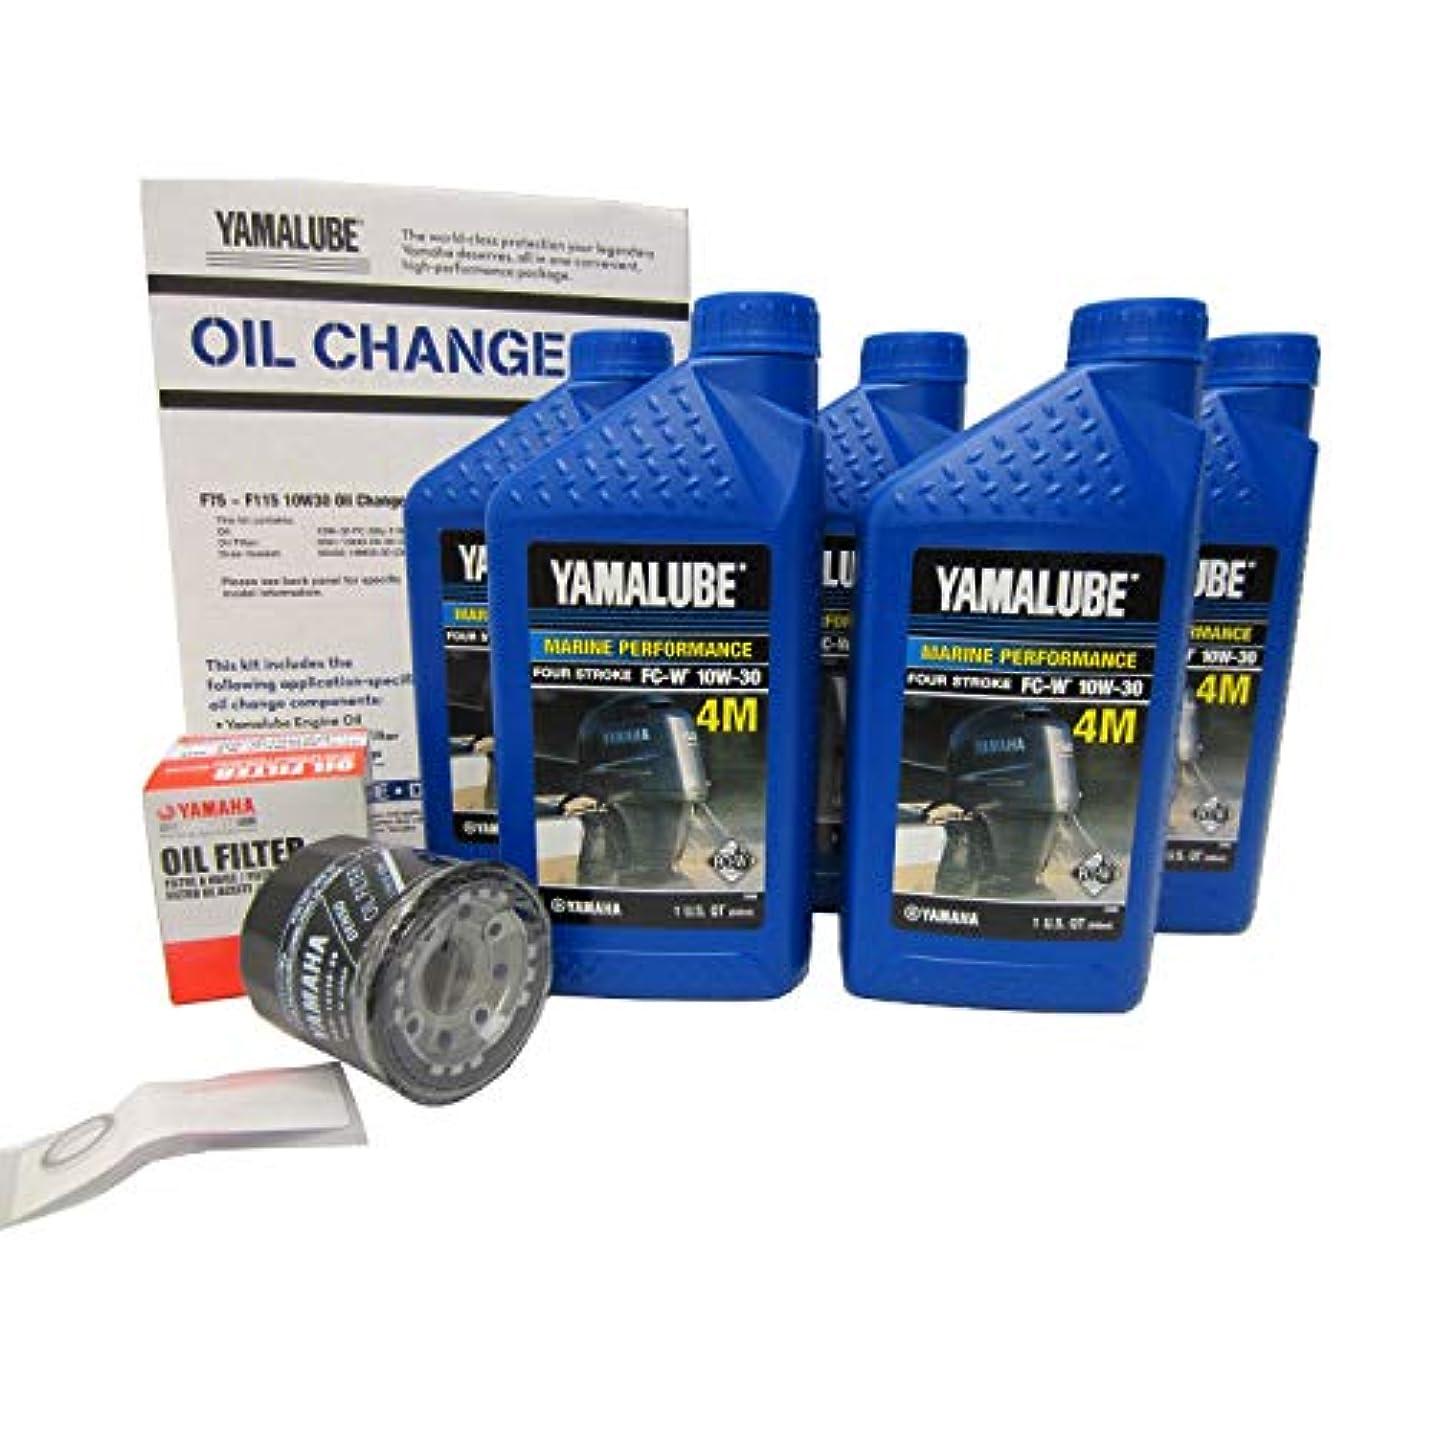 Yamaha Yamalube LUB-MRNMD-KT-11 Outboard Oil Change Kit